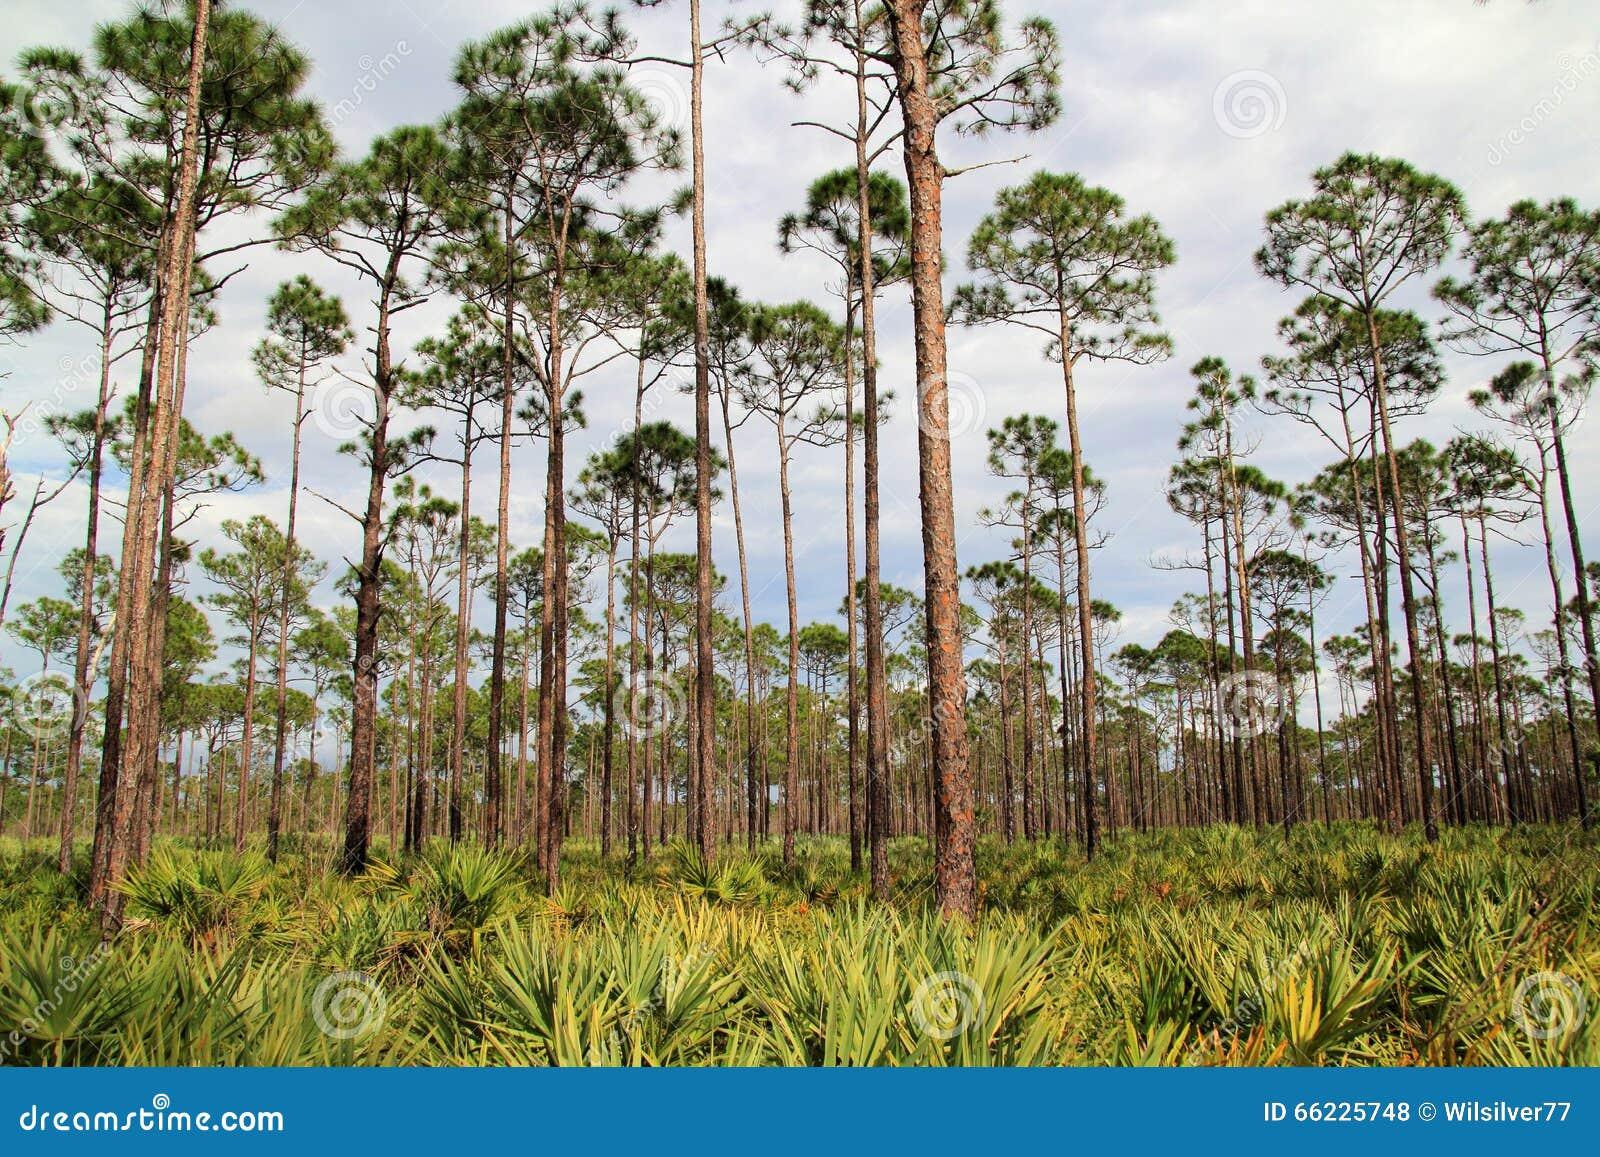 Florida Pinelands